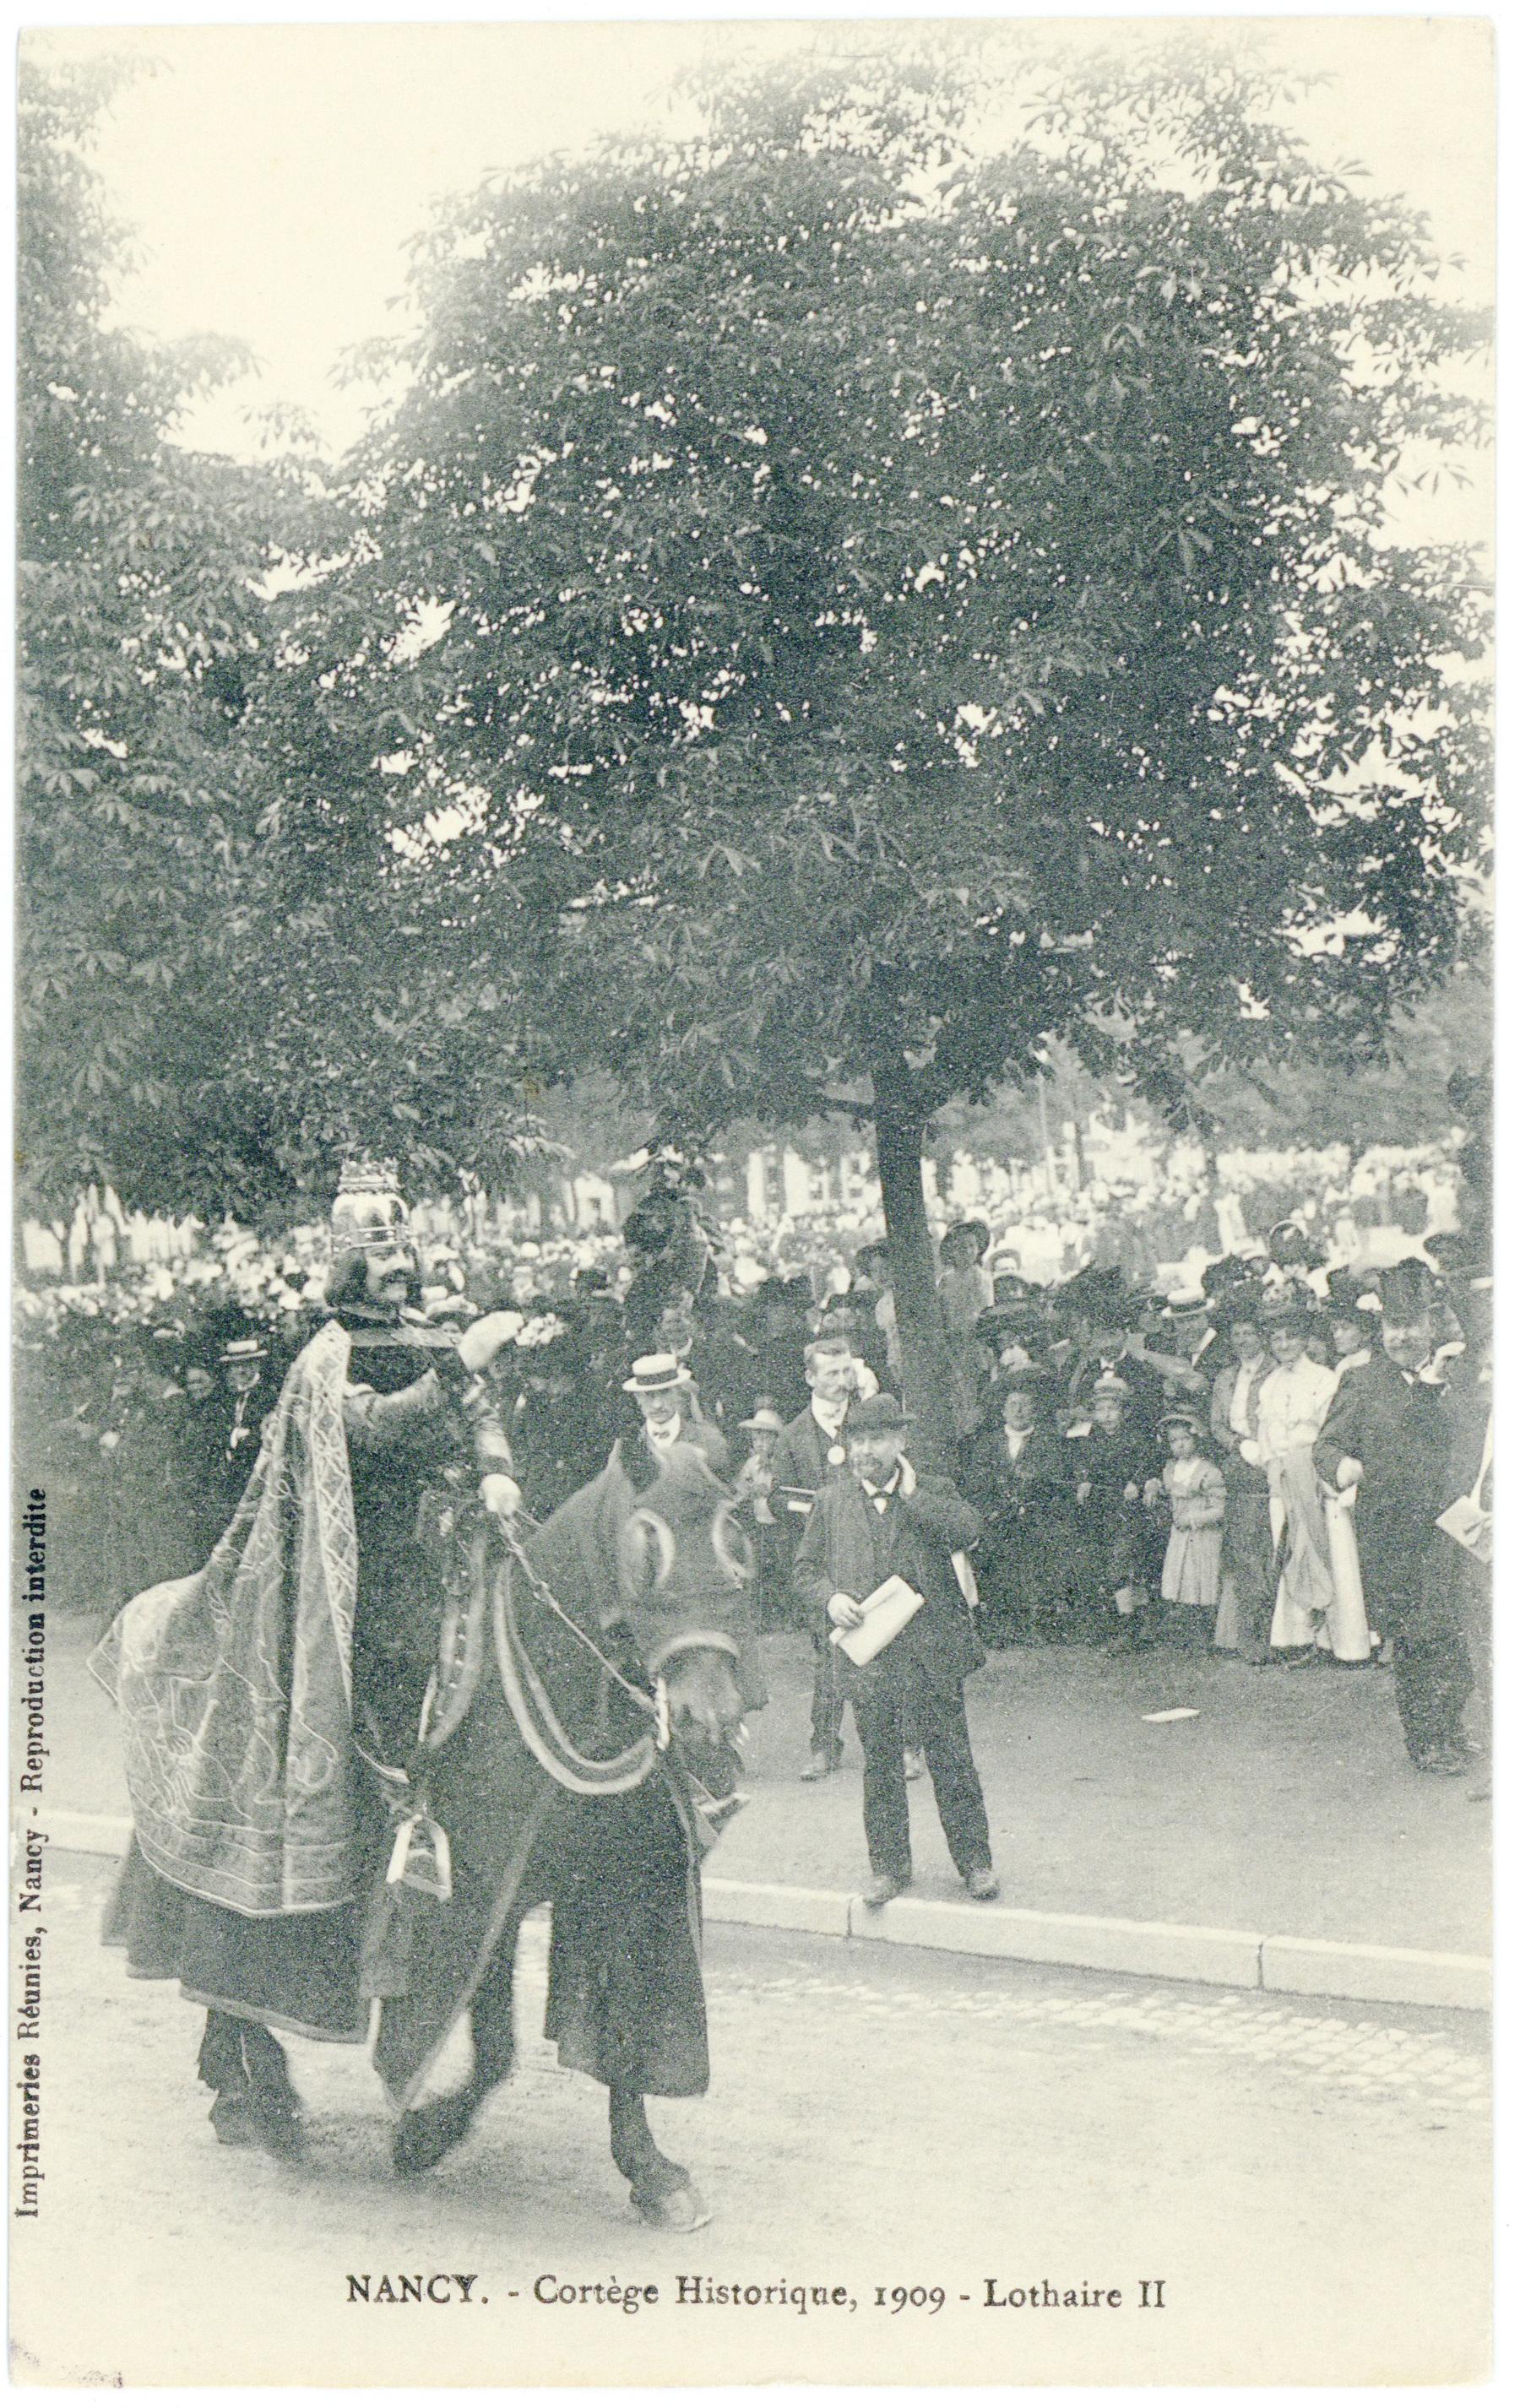 Contenu du Lothaire II  Nancy. - Cortège Historique, 1909